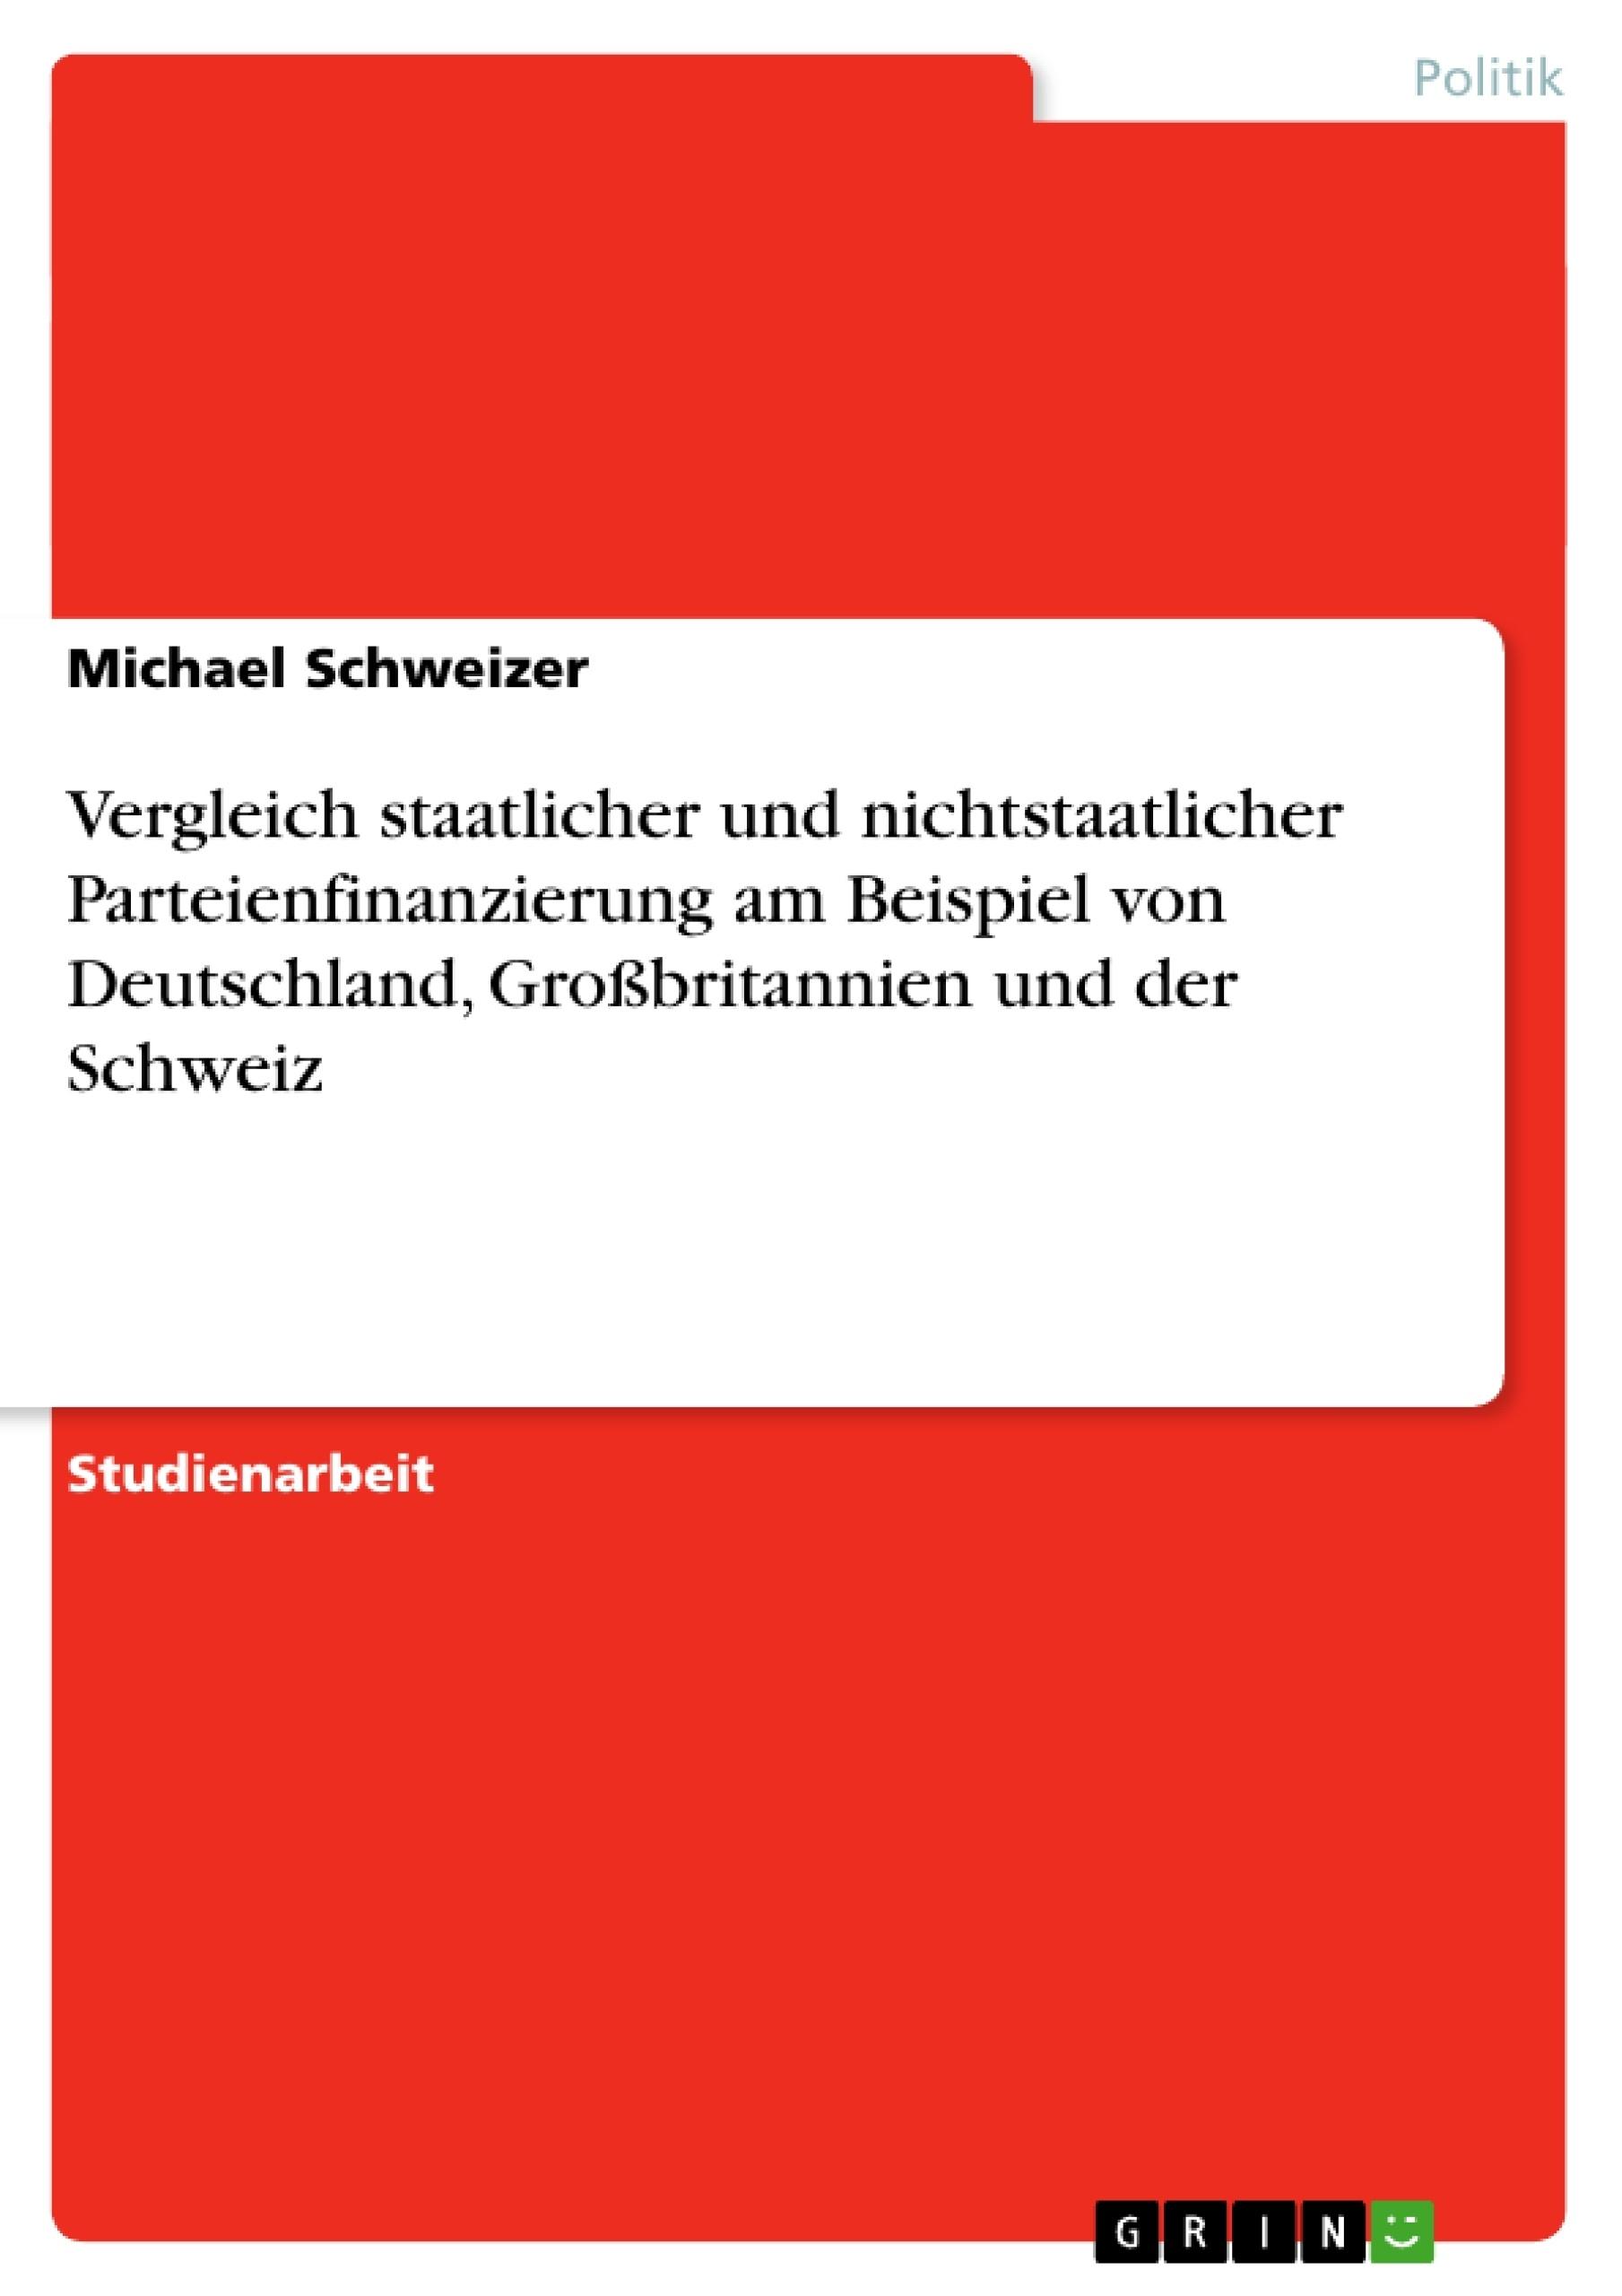 Titel: Vergleich staatlicher und nichtstaatlicher Parteienfinanzierung am Beispiel von Deutschland, Großbritannien und der Schweiz